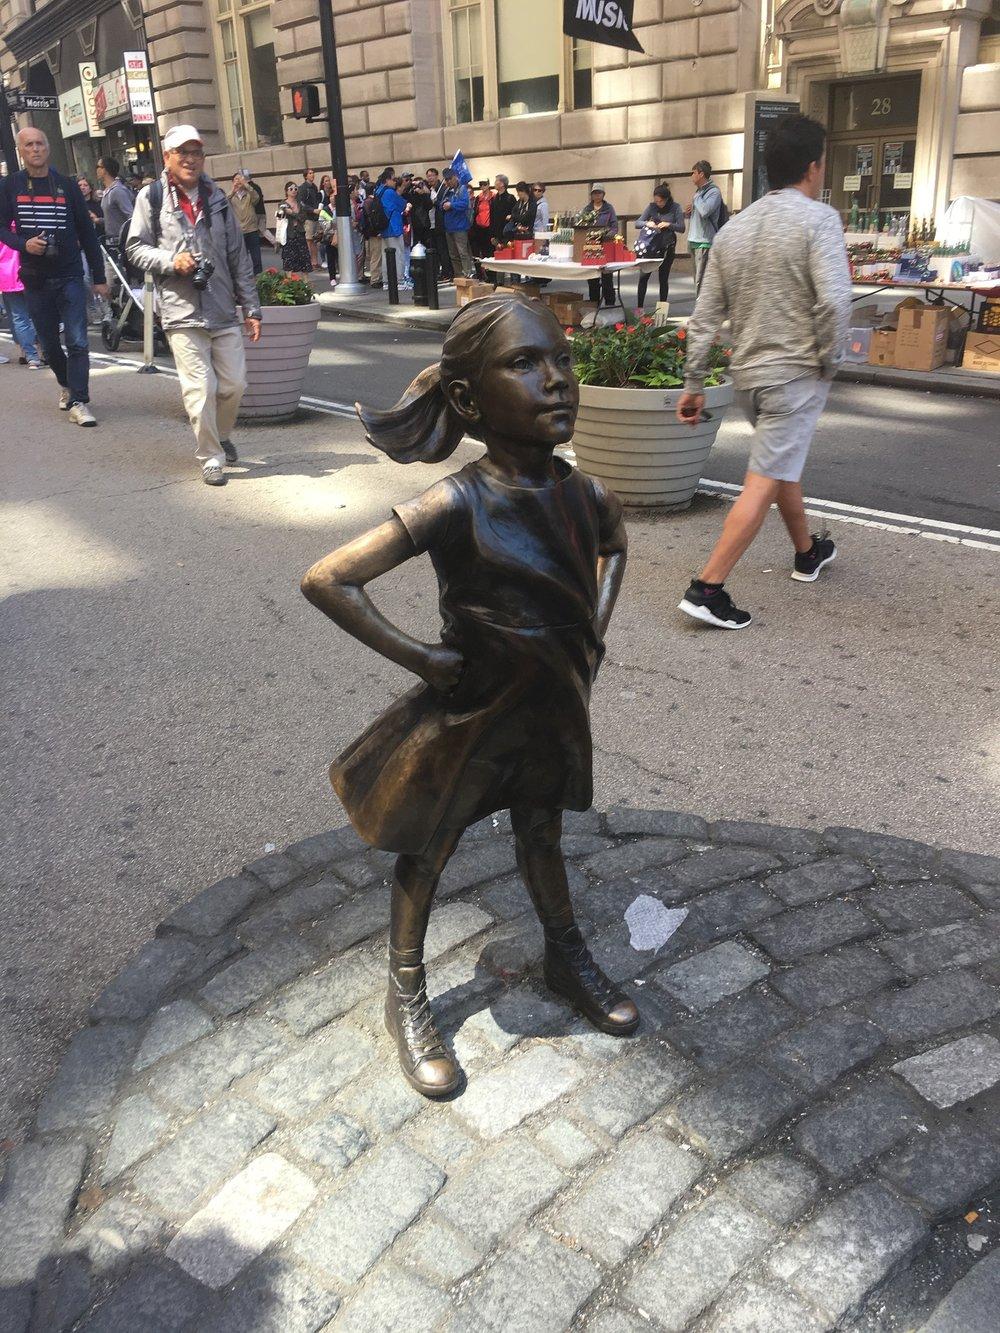 sculpture-2406517_1920.jpg